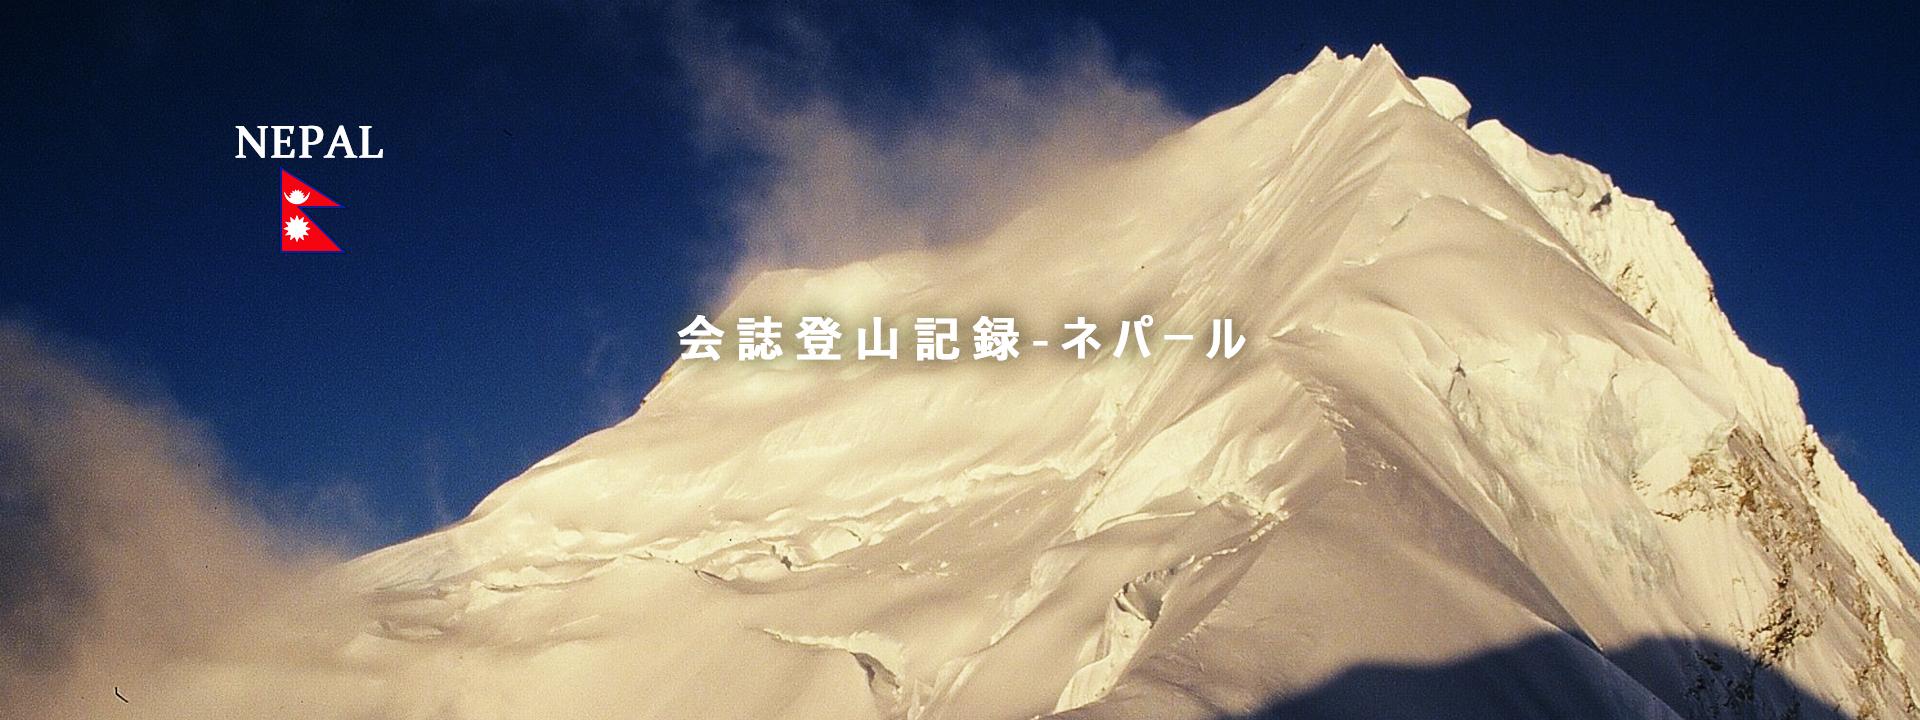 遠征隊の記録 -ネパール-